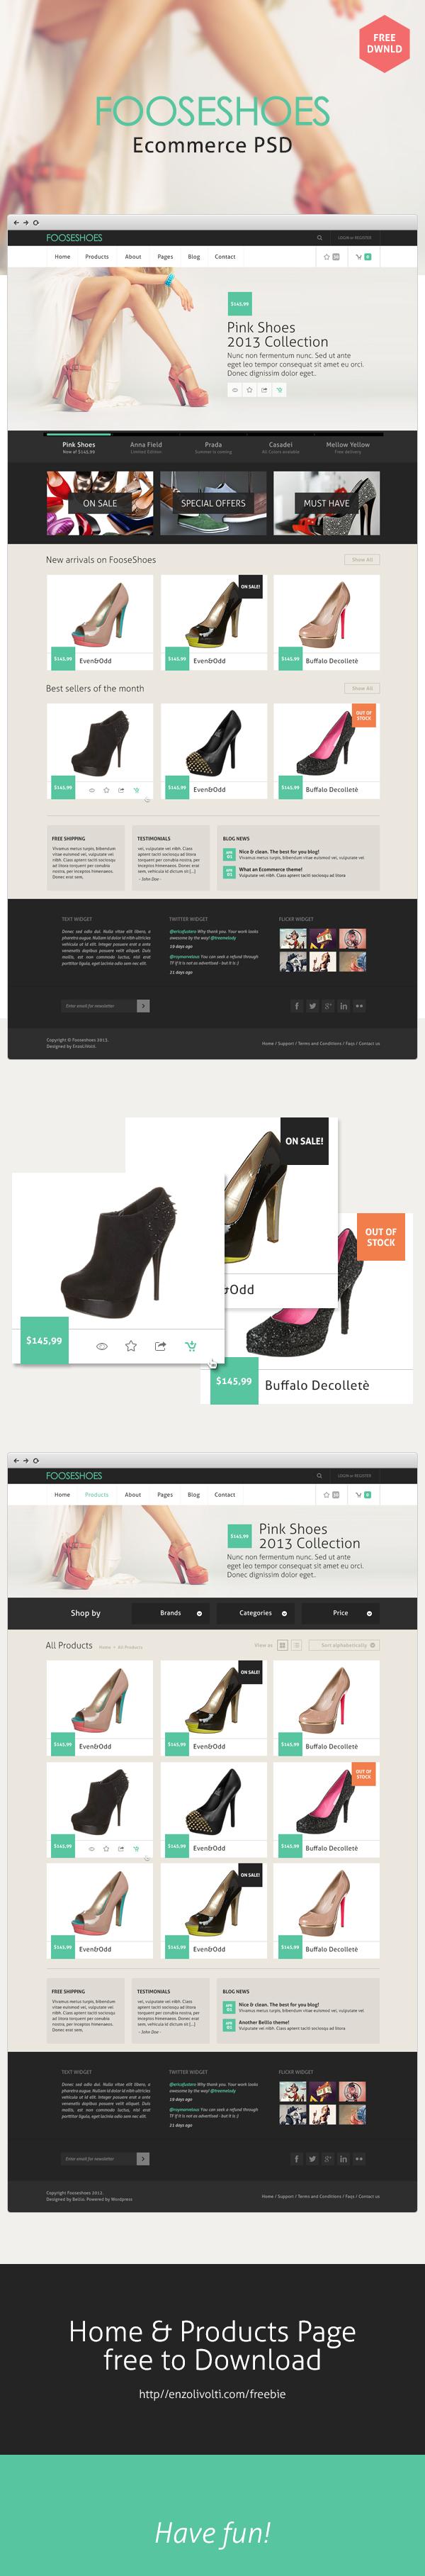 FooseShoes, plantilla PSD para tiendas en linea